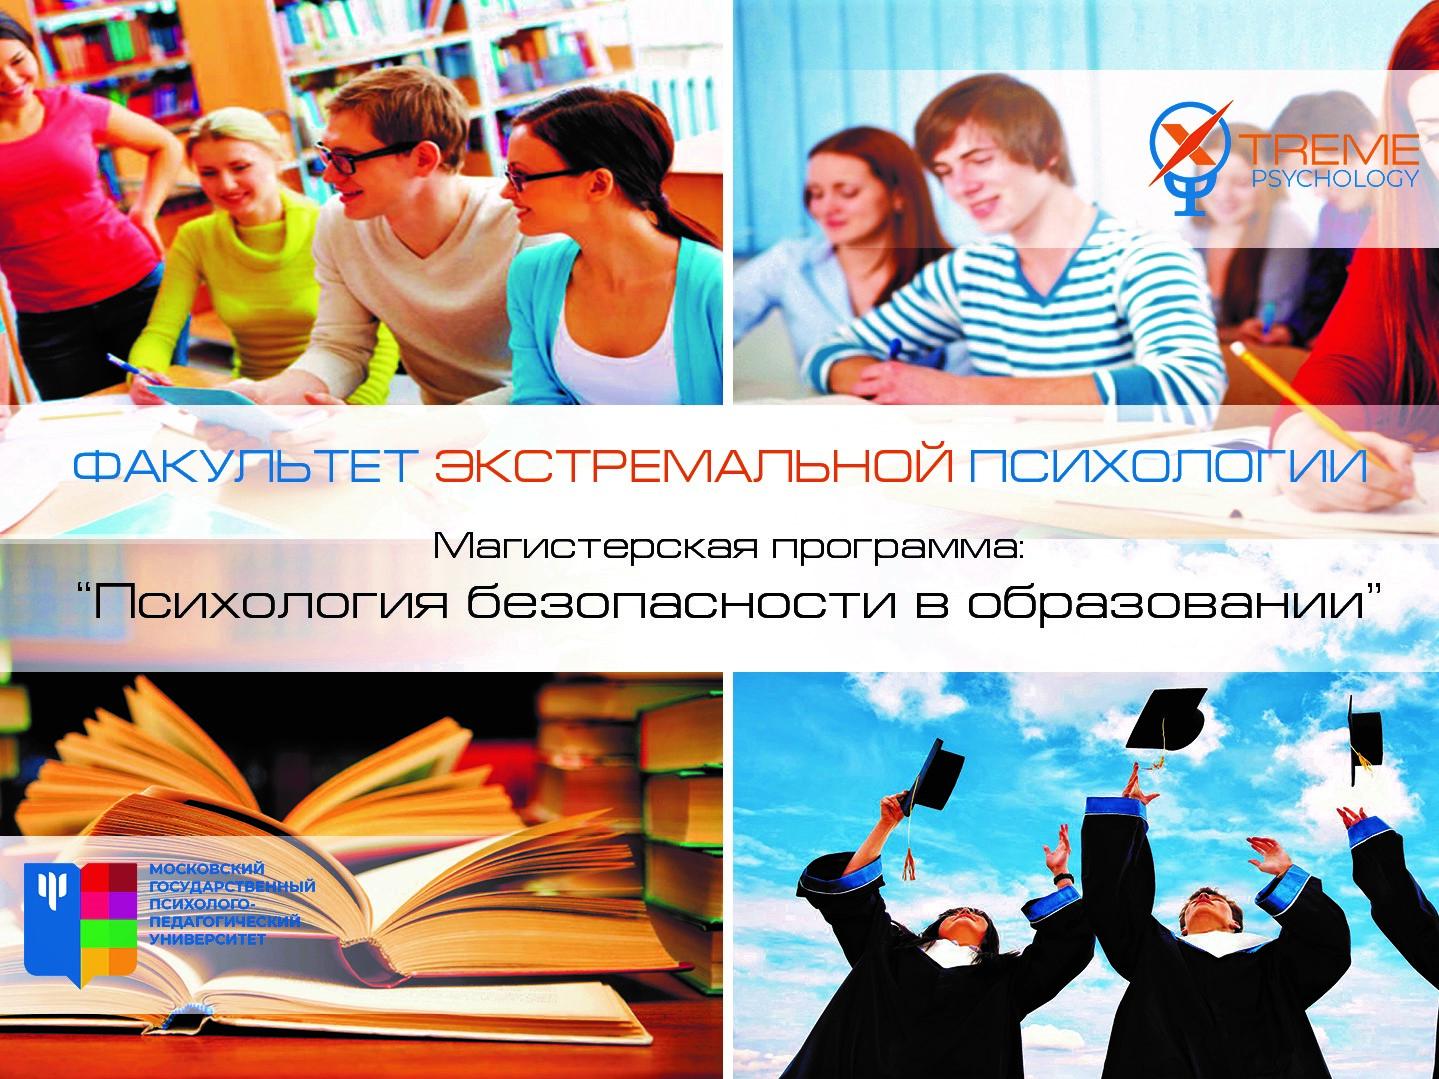 «Психология безопасности в образовании»